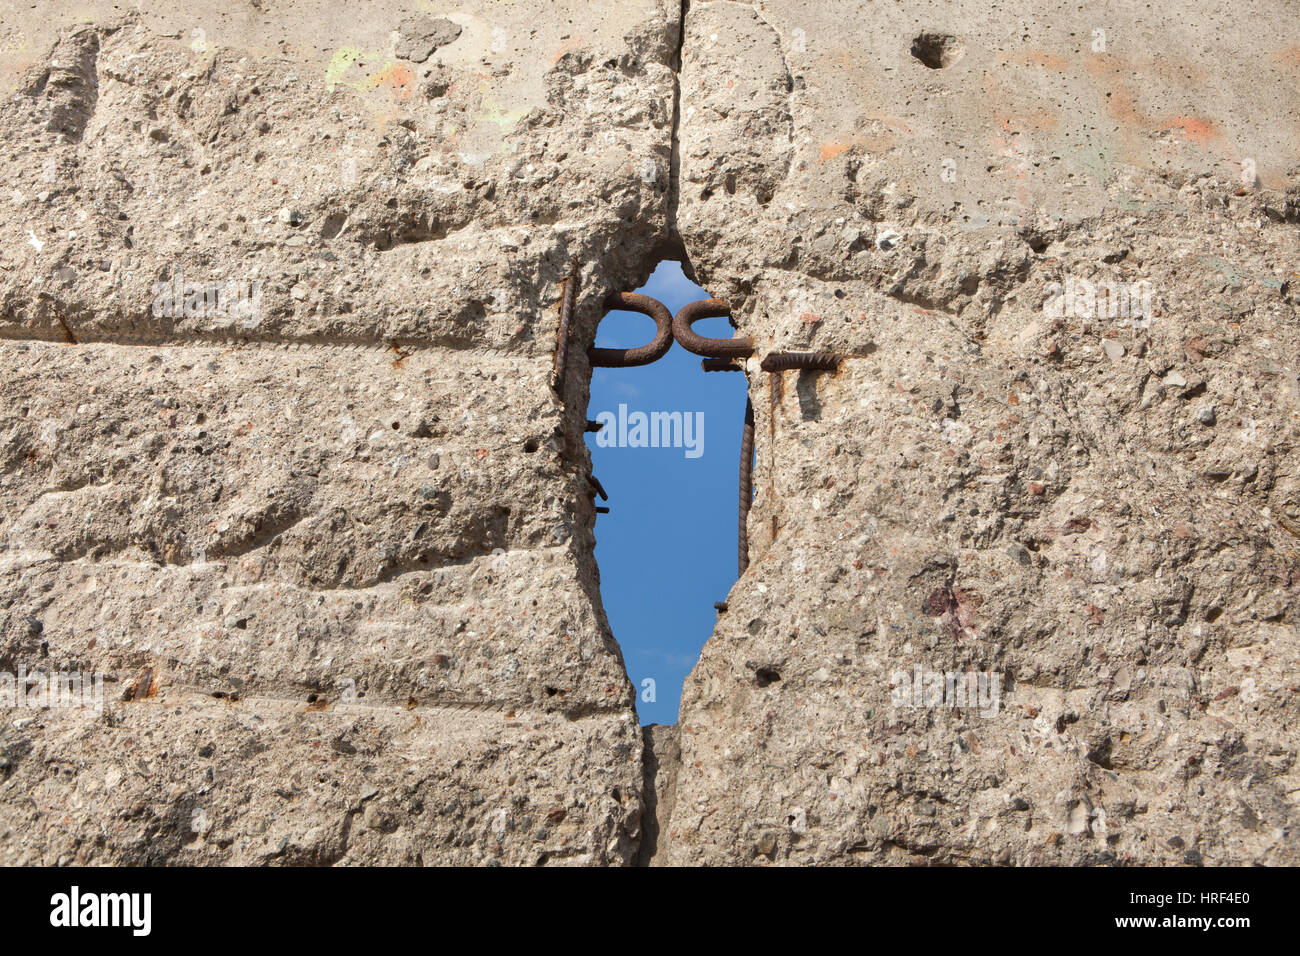 Verbleibenden Abschnitt der Berliner Mauer. Topographie des Terrors, Berlin, Deutschland. Stockfoto